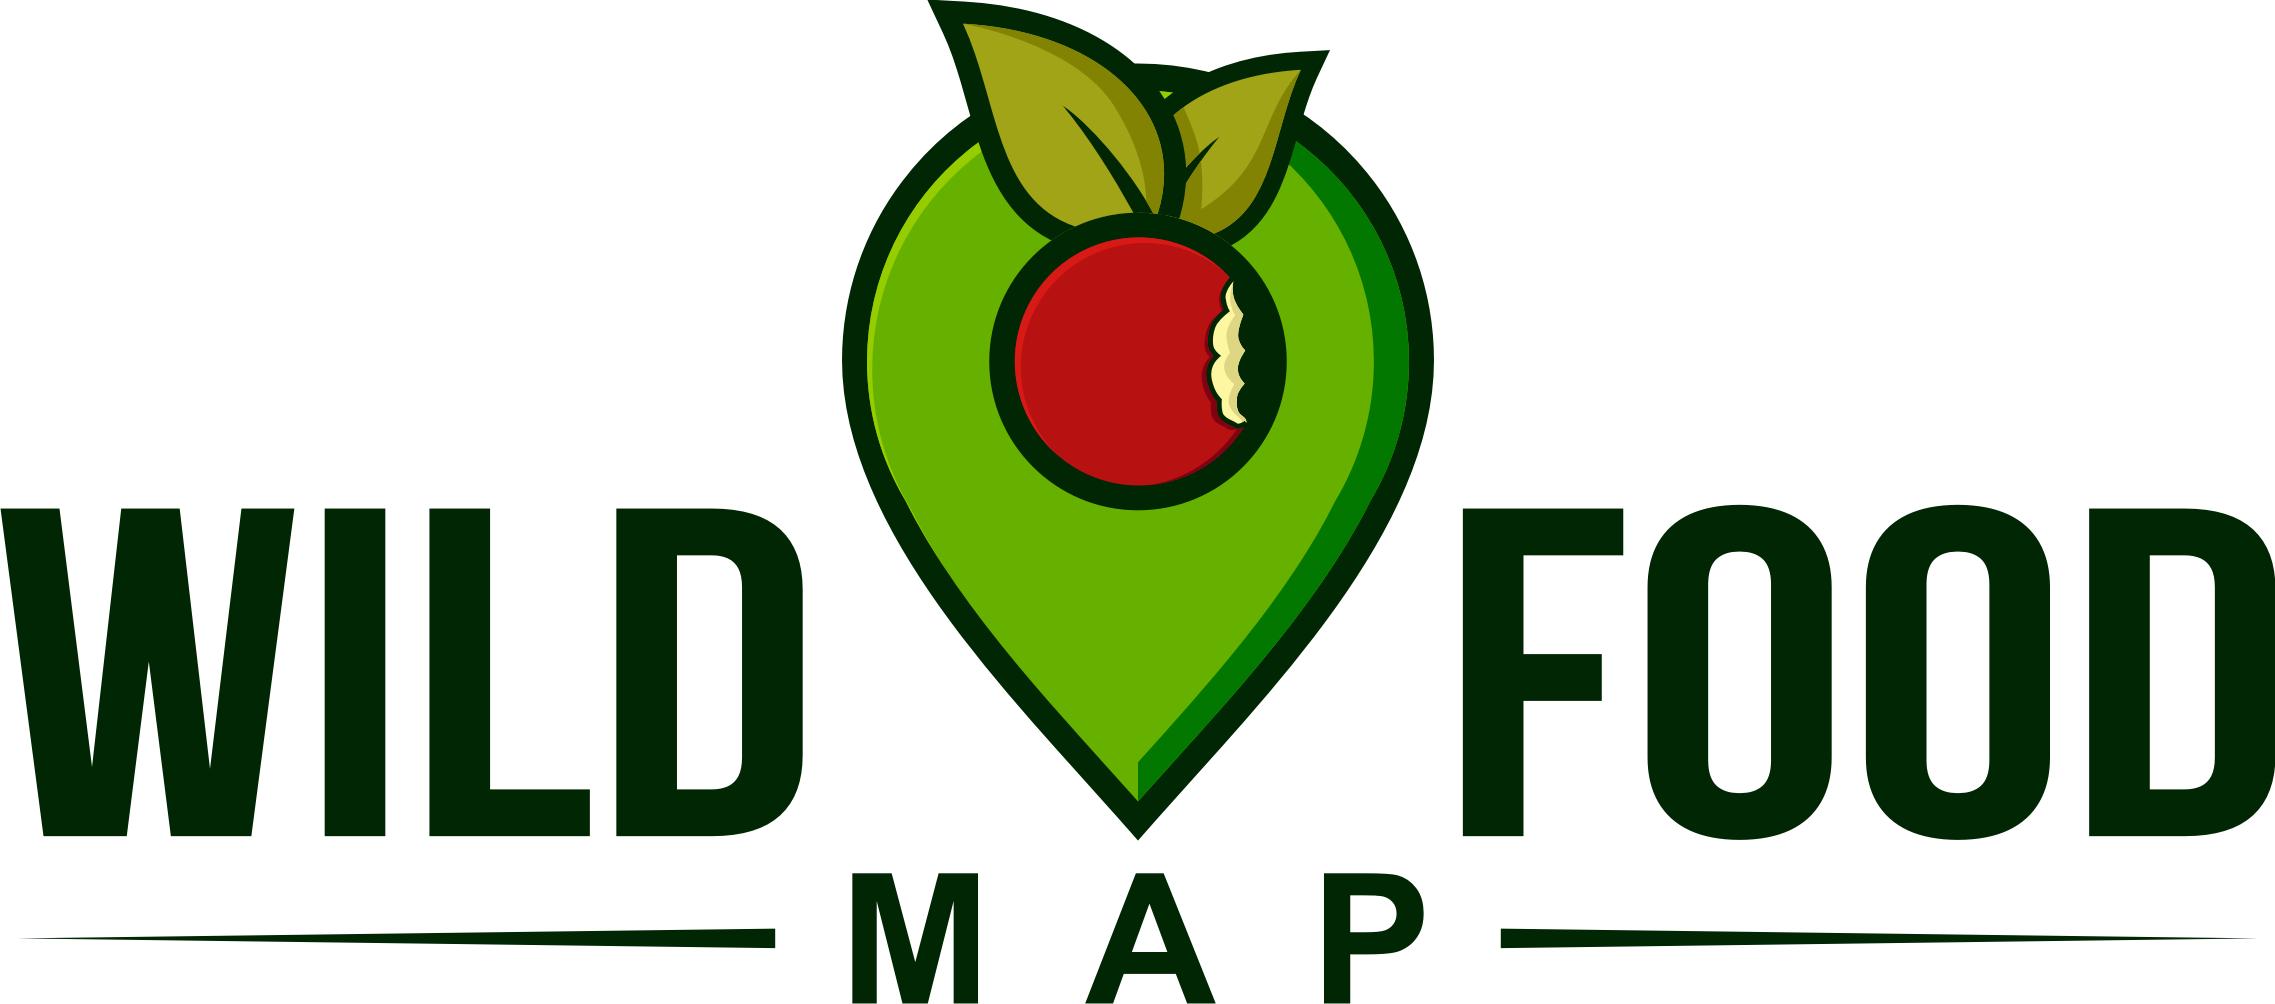 wild food map logo.png